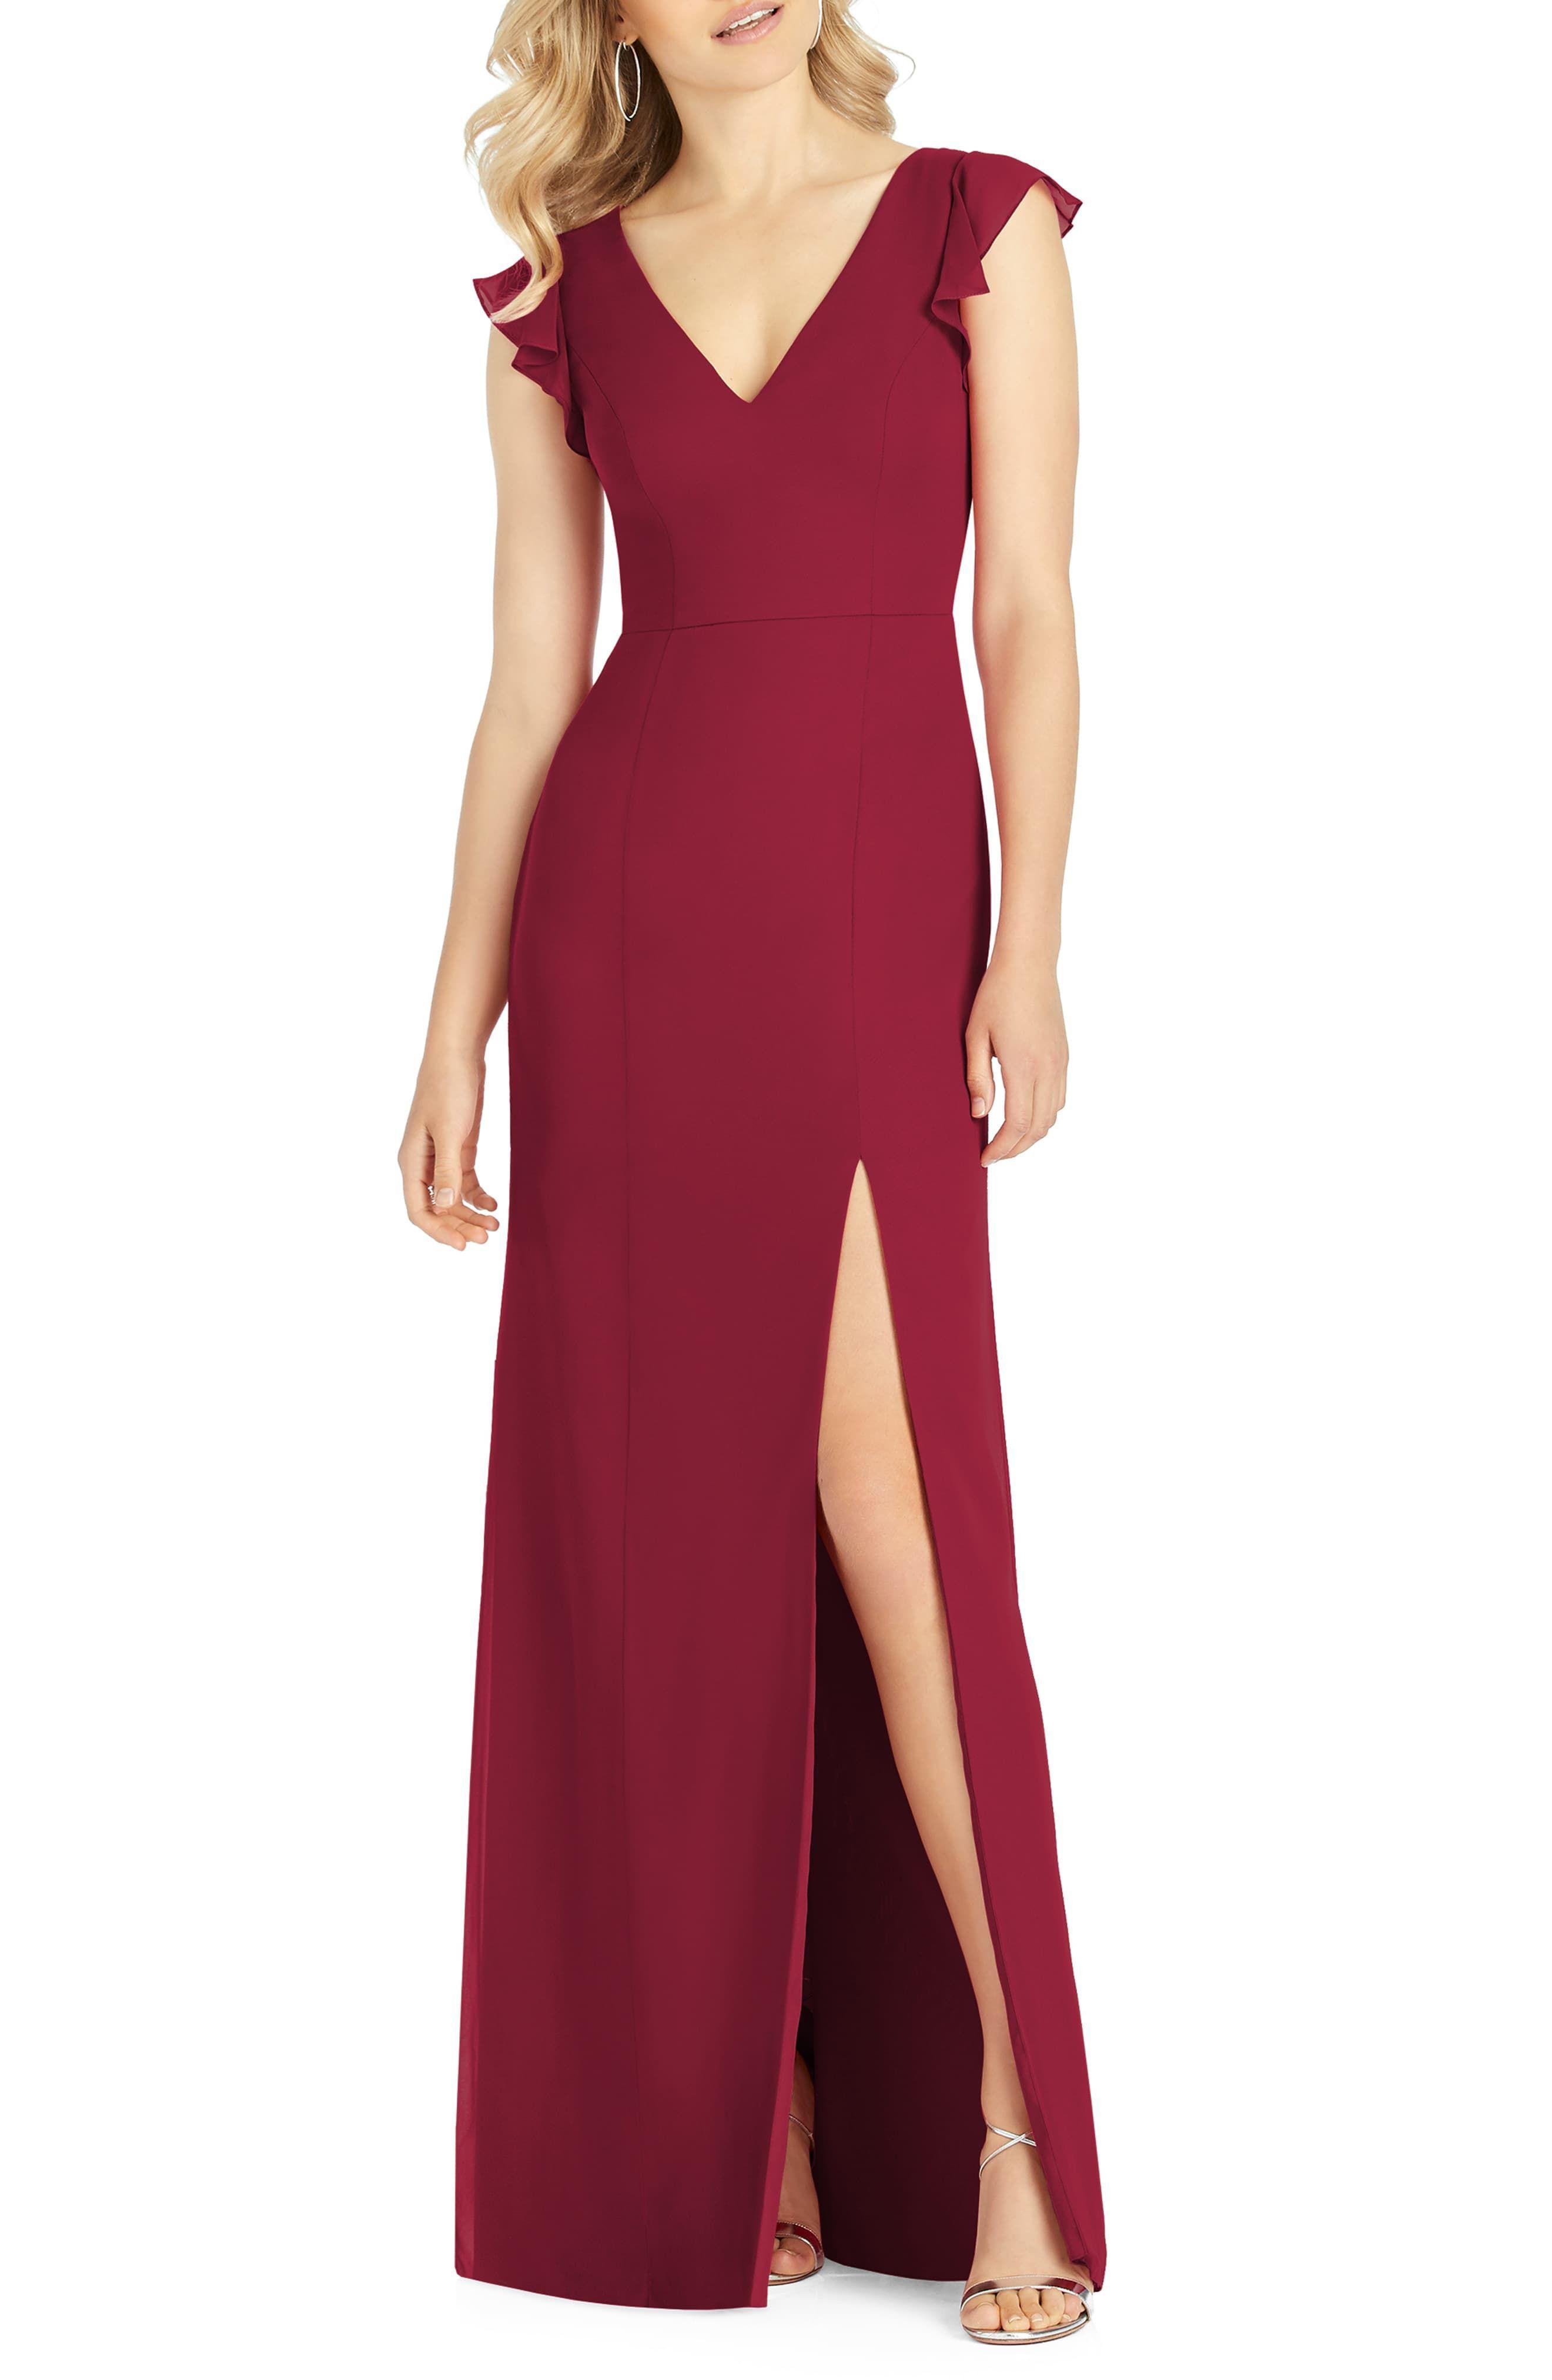 Women's After Six VNeck Ruffle Sleeve Evening Dress, Size